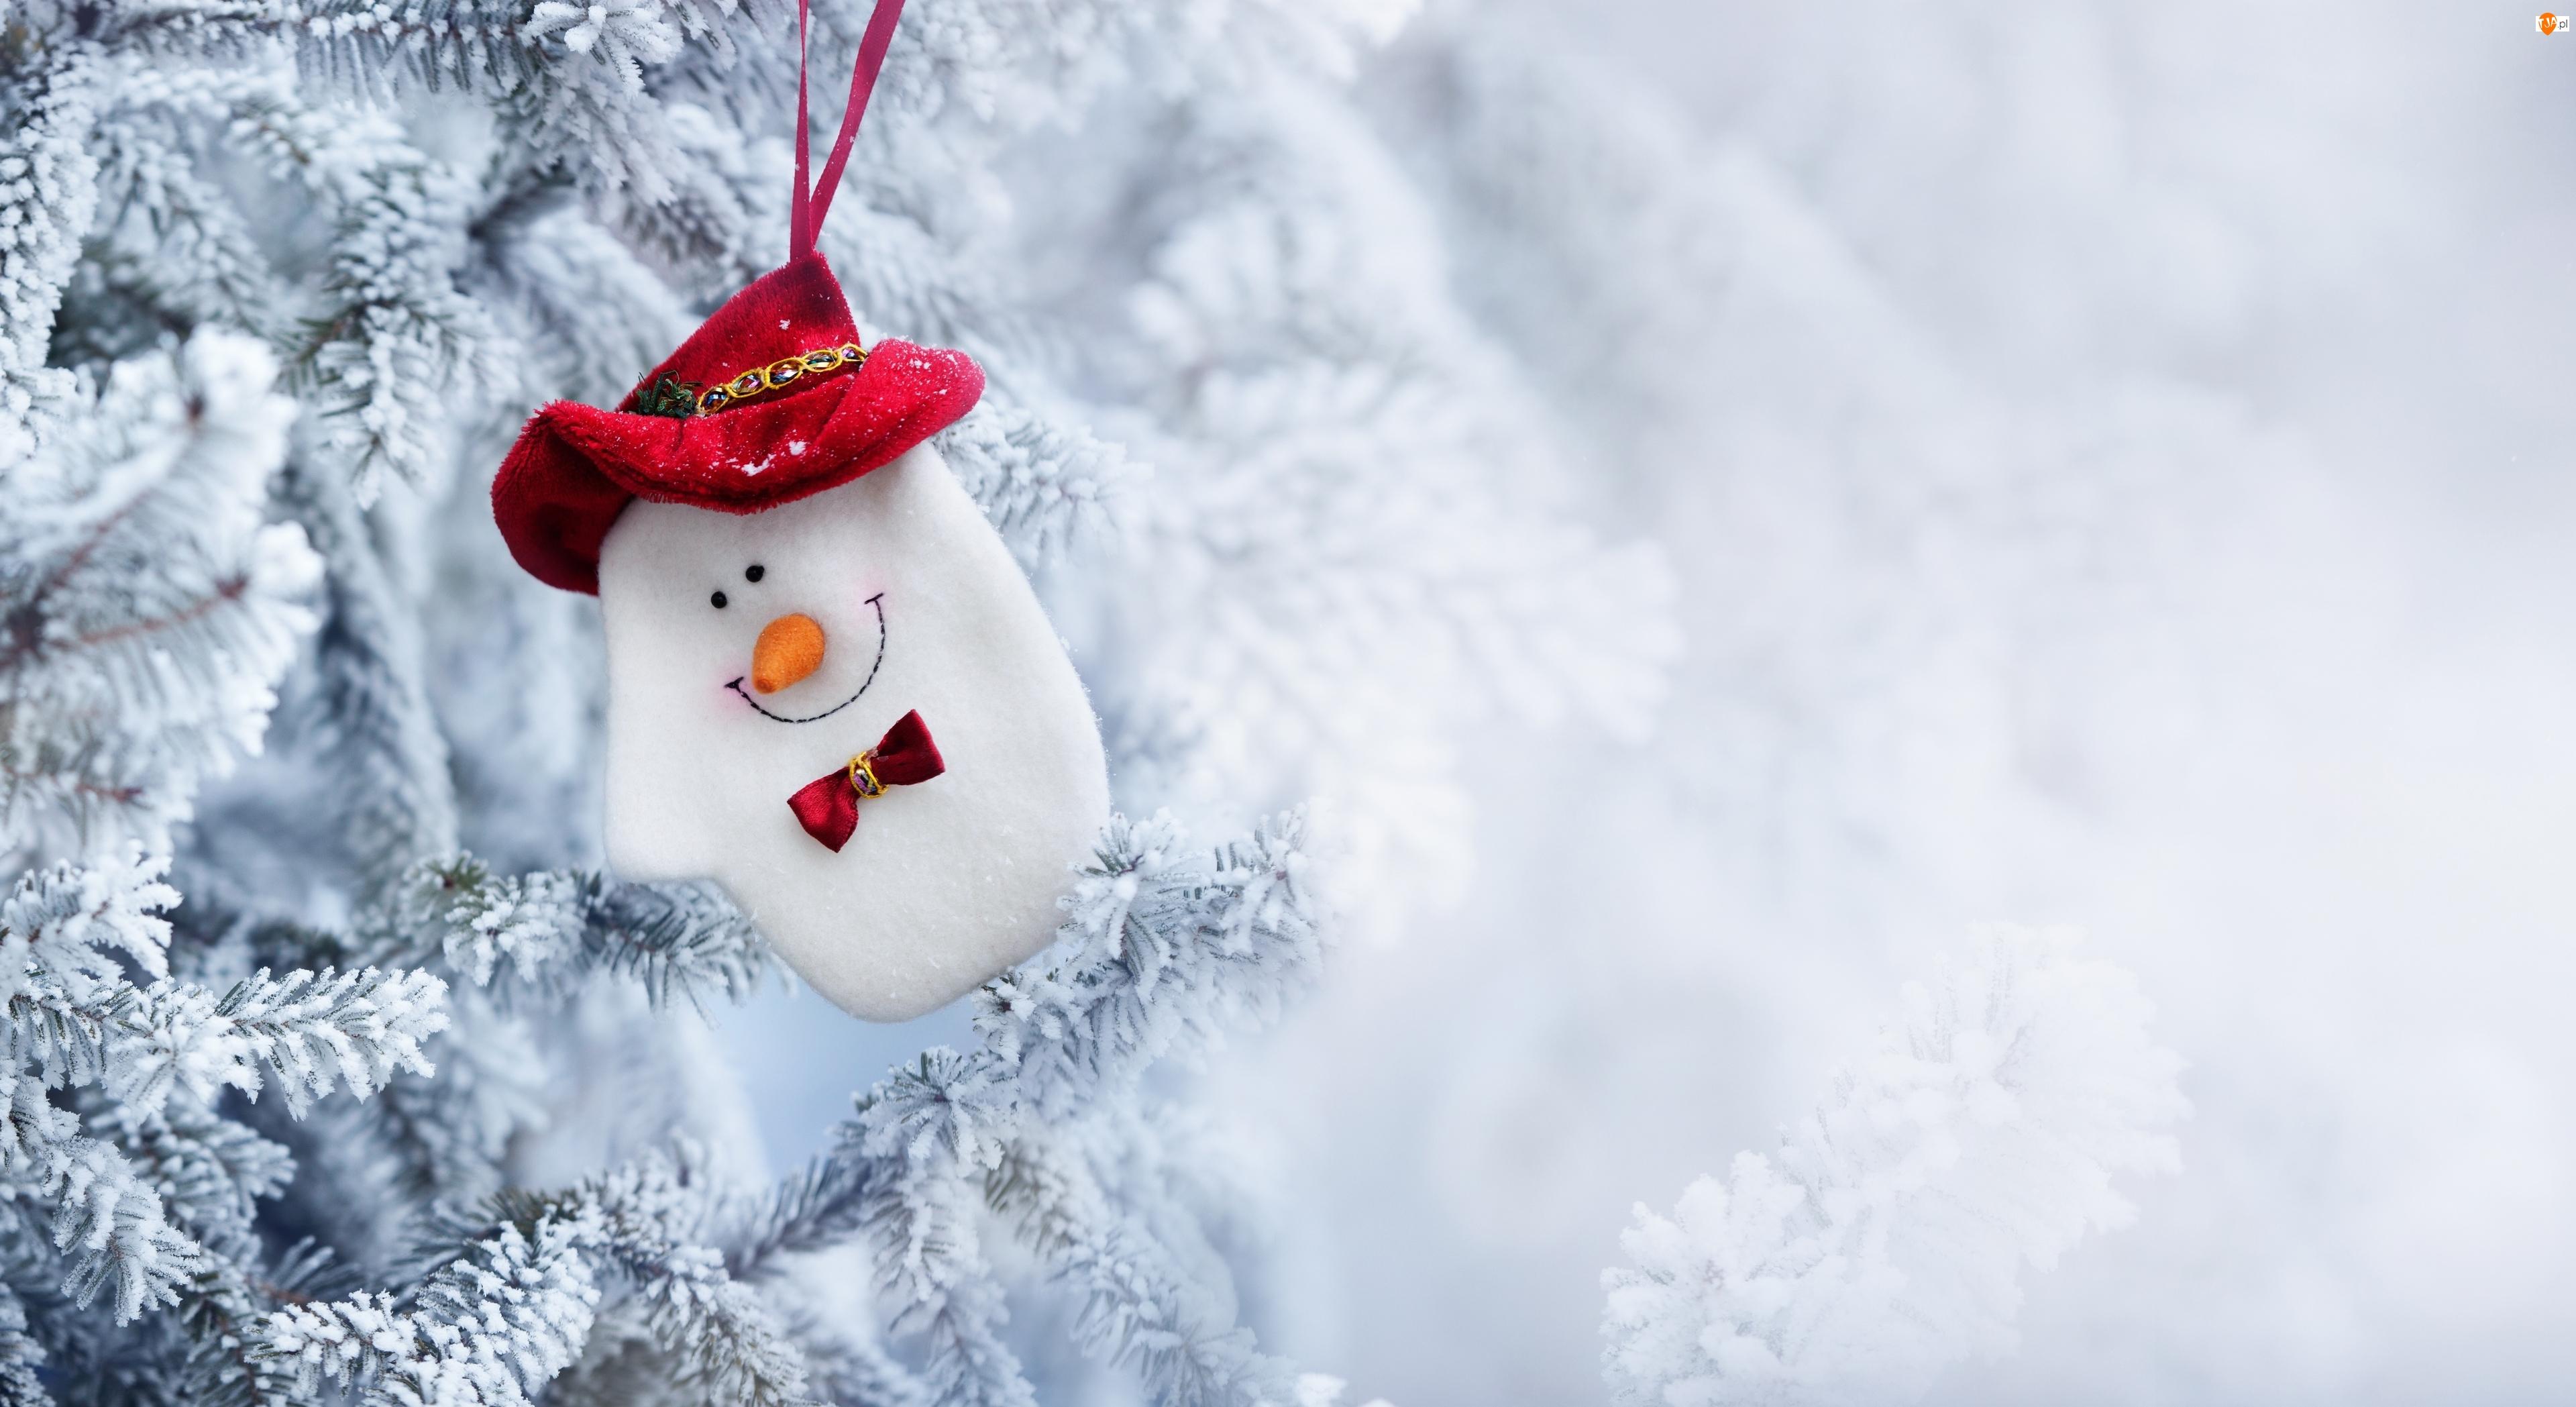 Bałwanek, Zawieszka, Zima, Boże Narodzenie, Gałązki, Śnieg